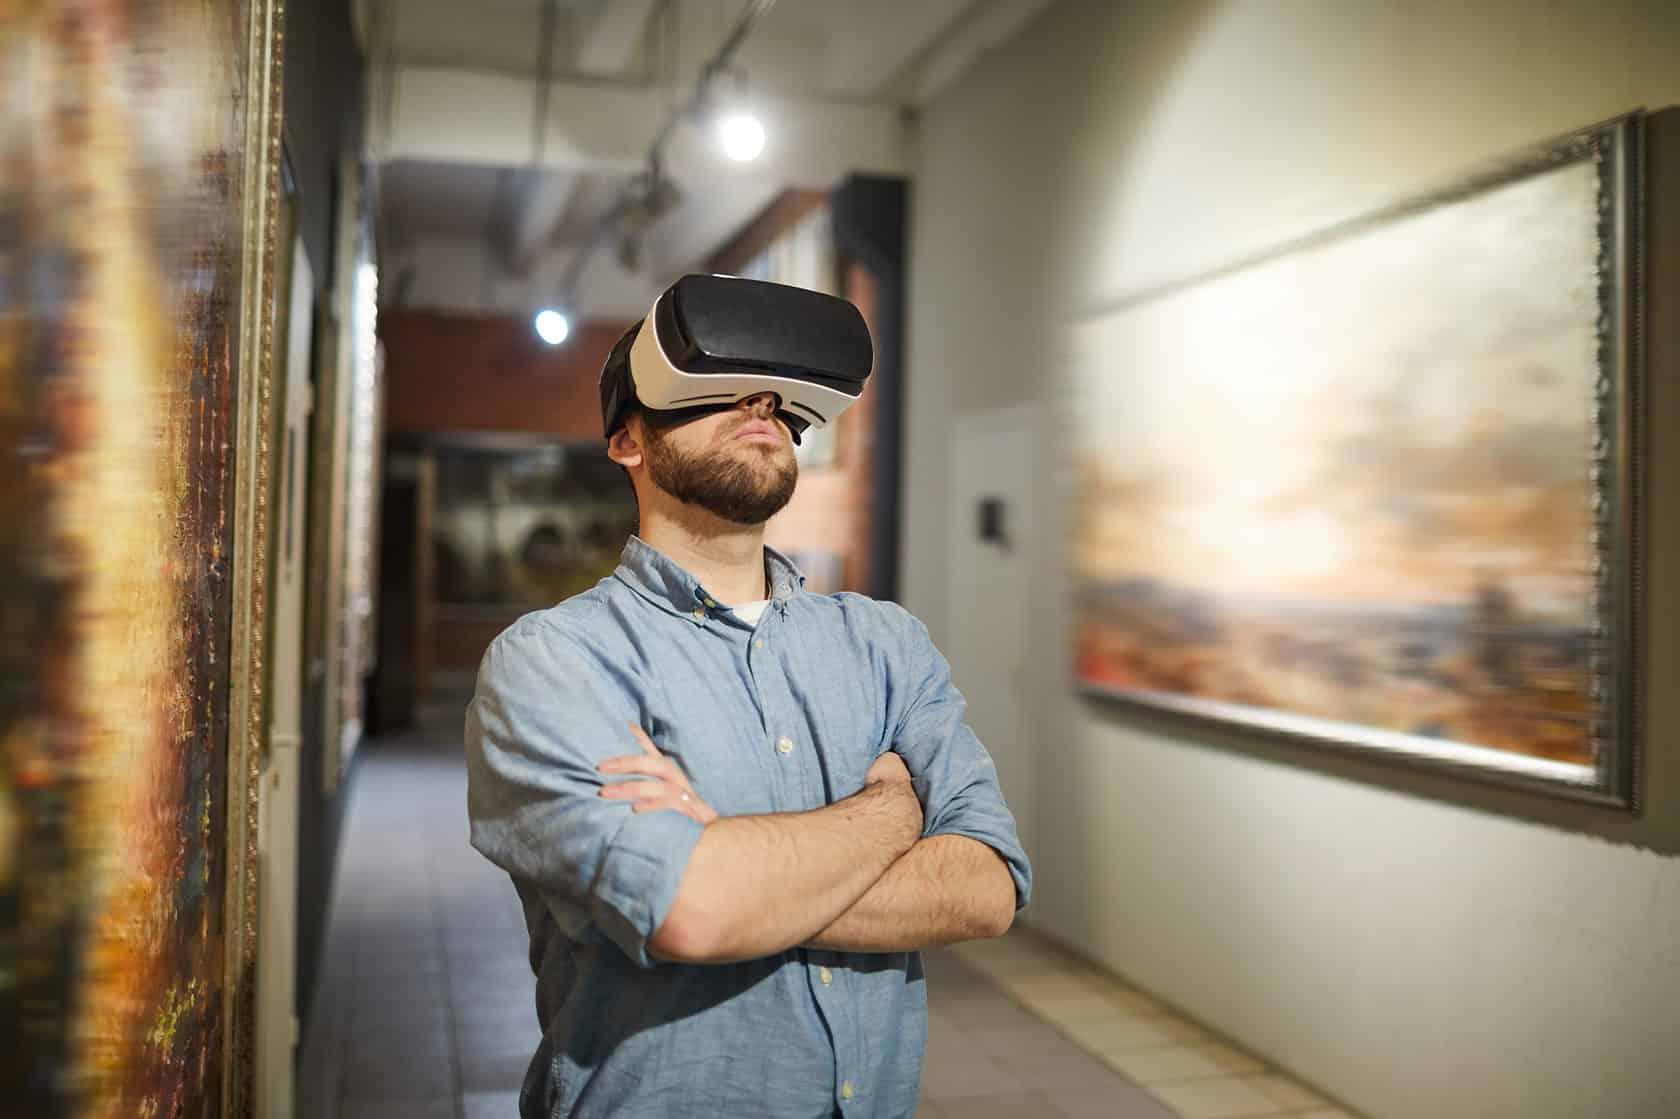 Accueil - Visite virtuelle pour les musée - 3d60 le Havre